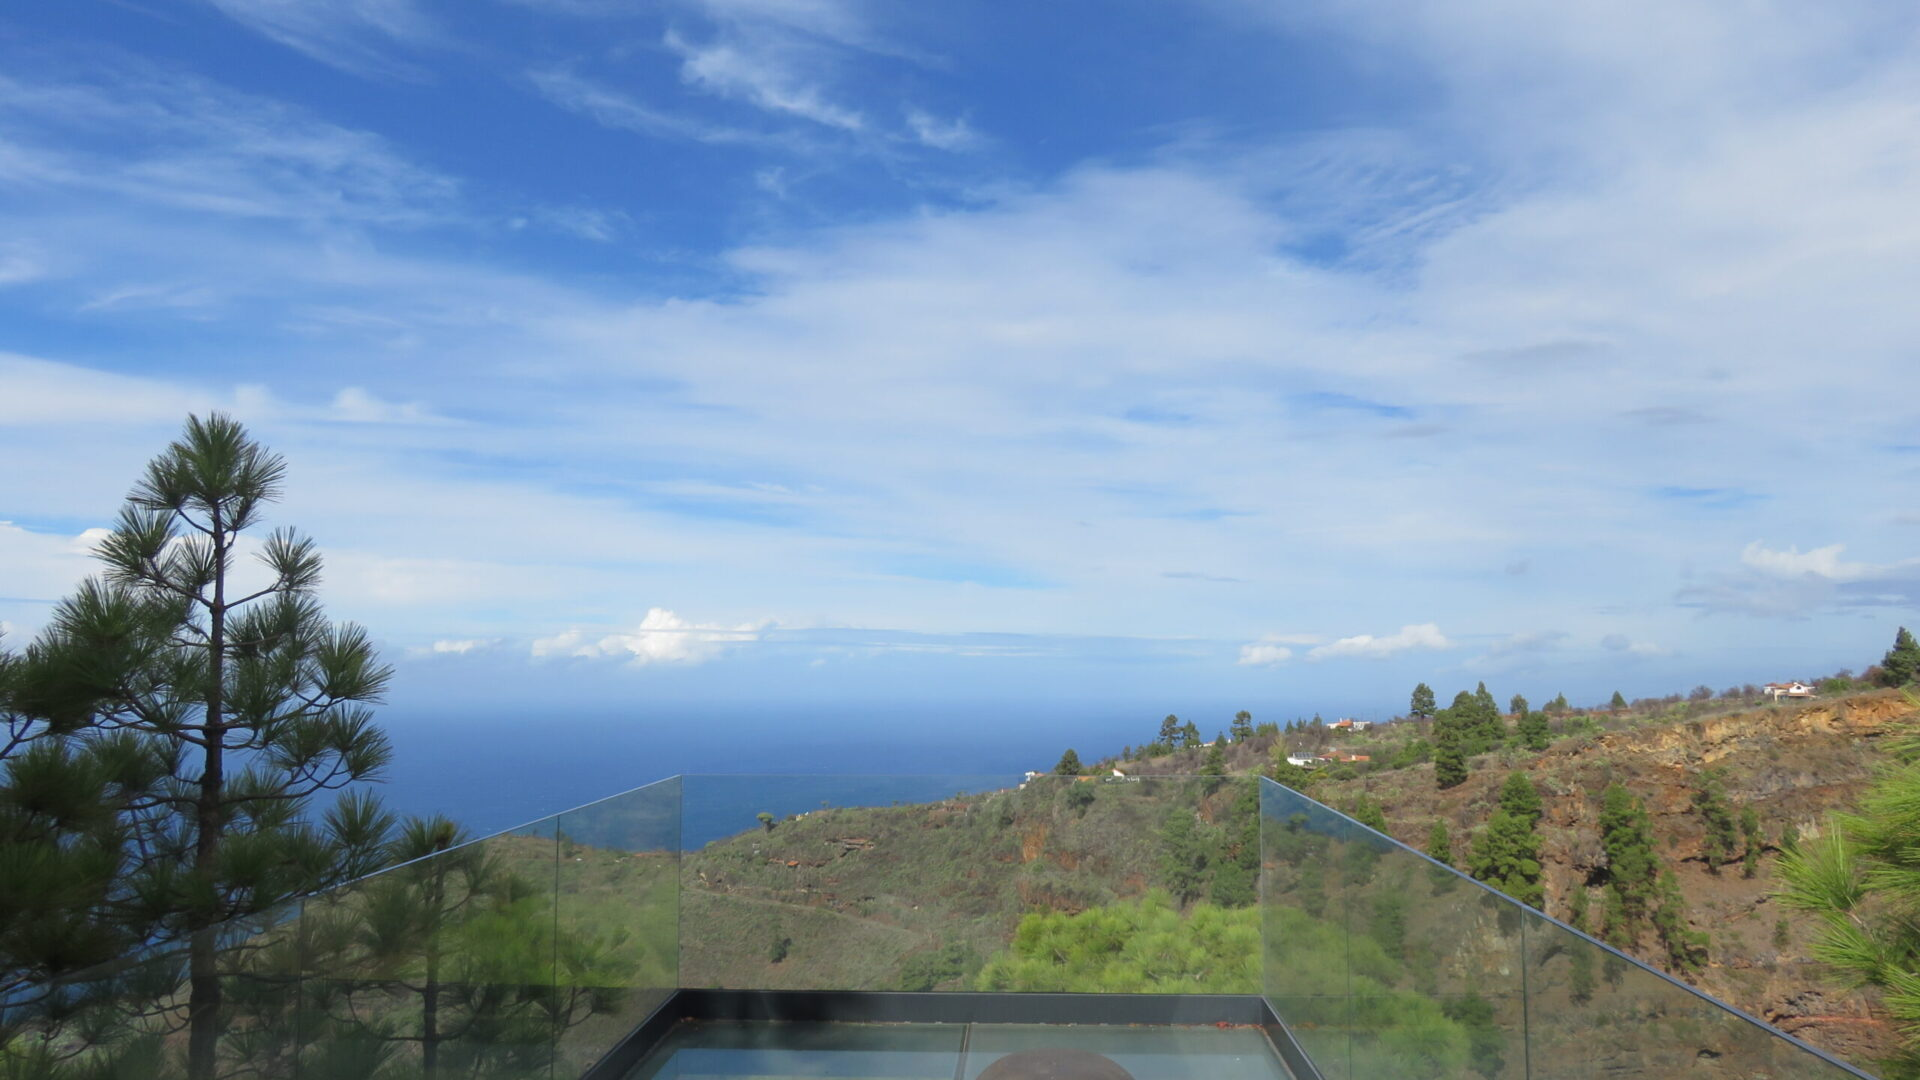 Exc. La Palma Spezial Viajes Pamir (8) Aussichtspunkt Puntagorda